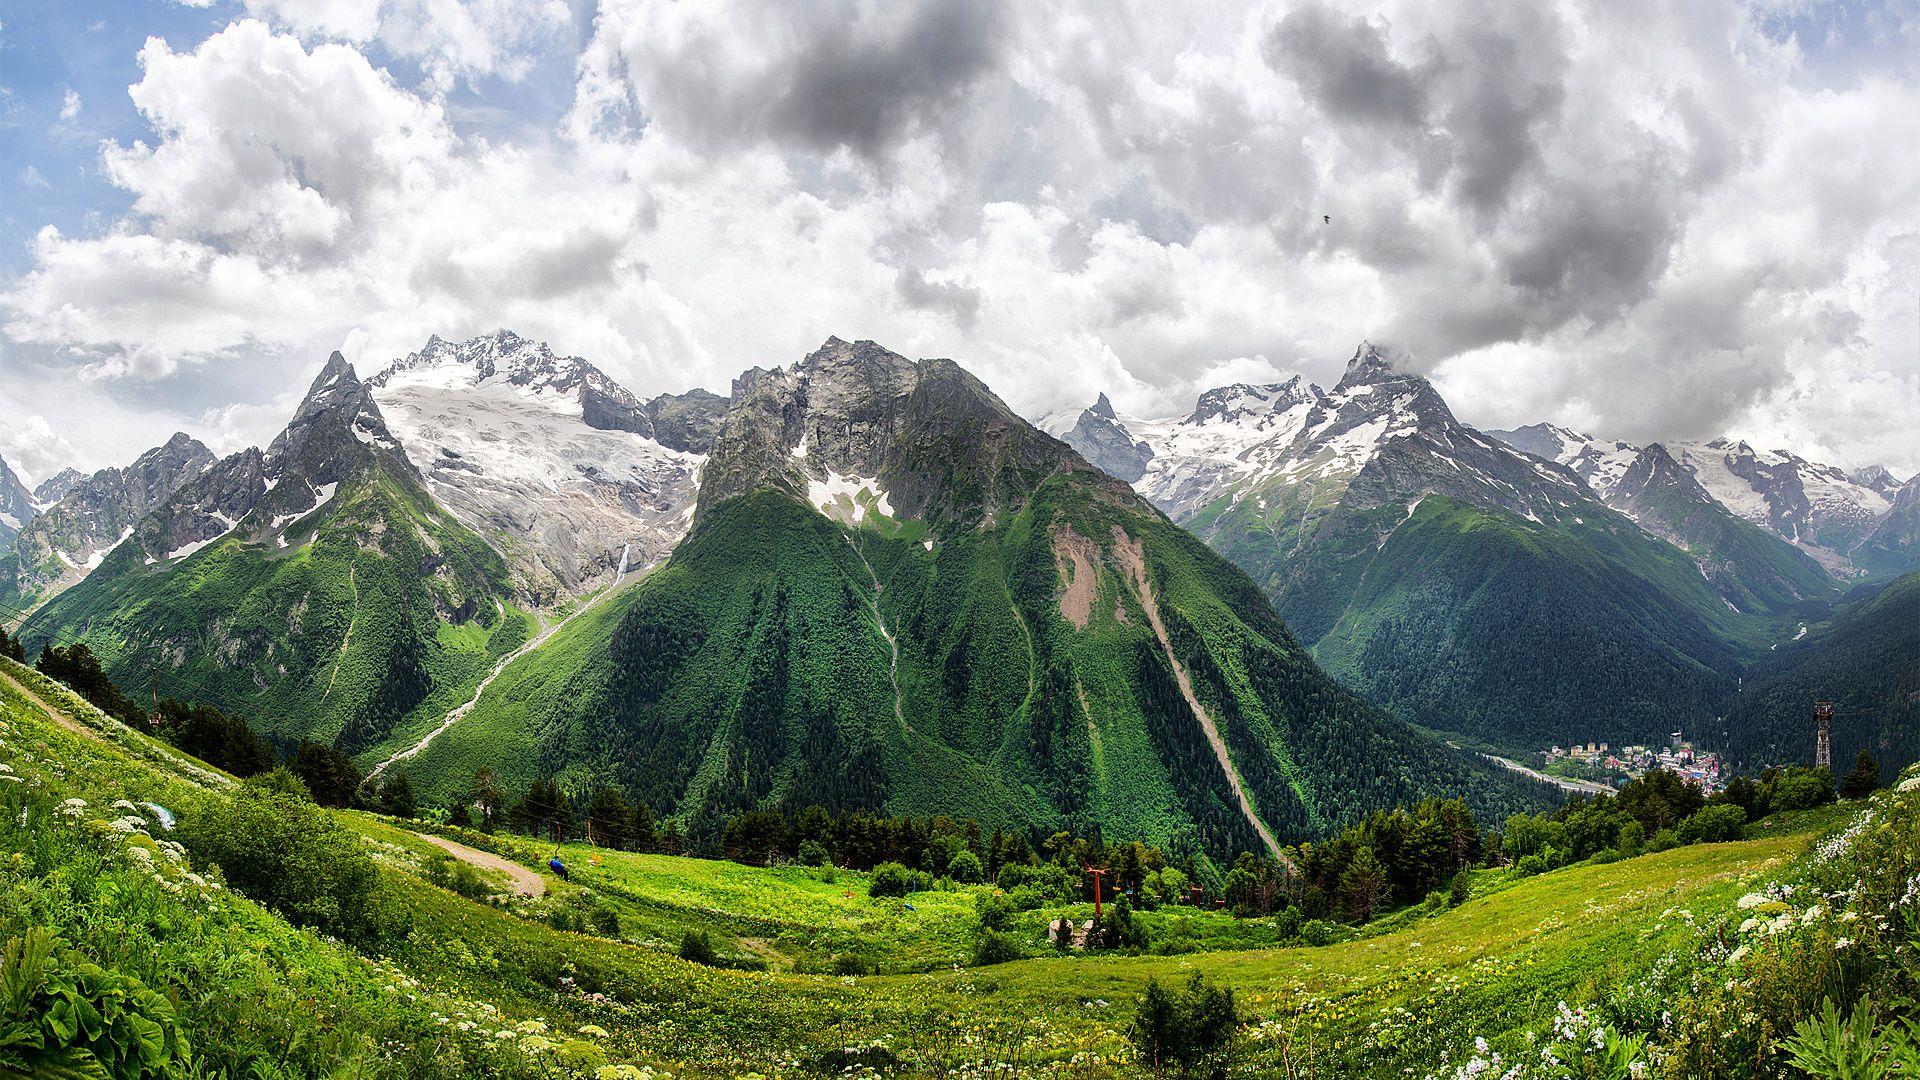 Caucasus Mountains Dombai Panoramic Photo